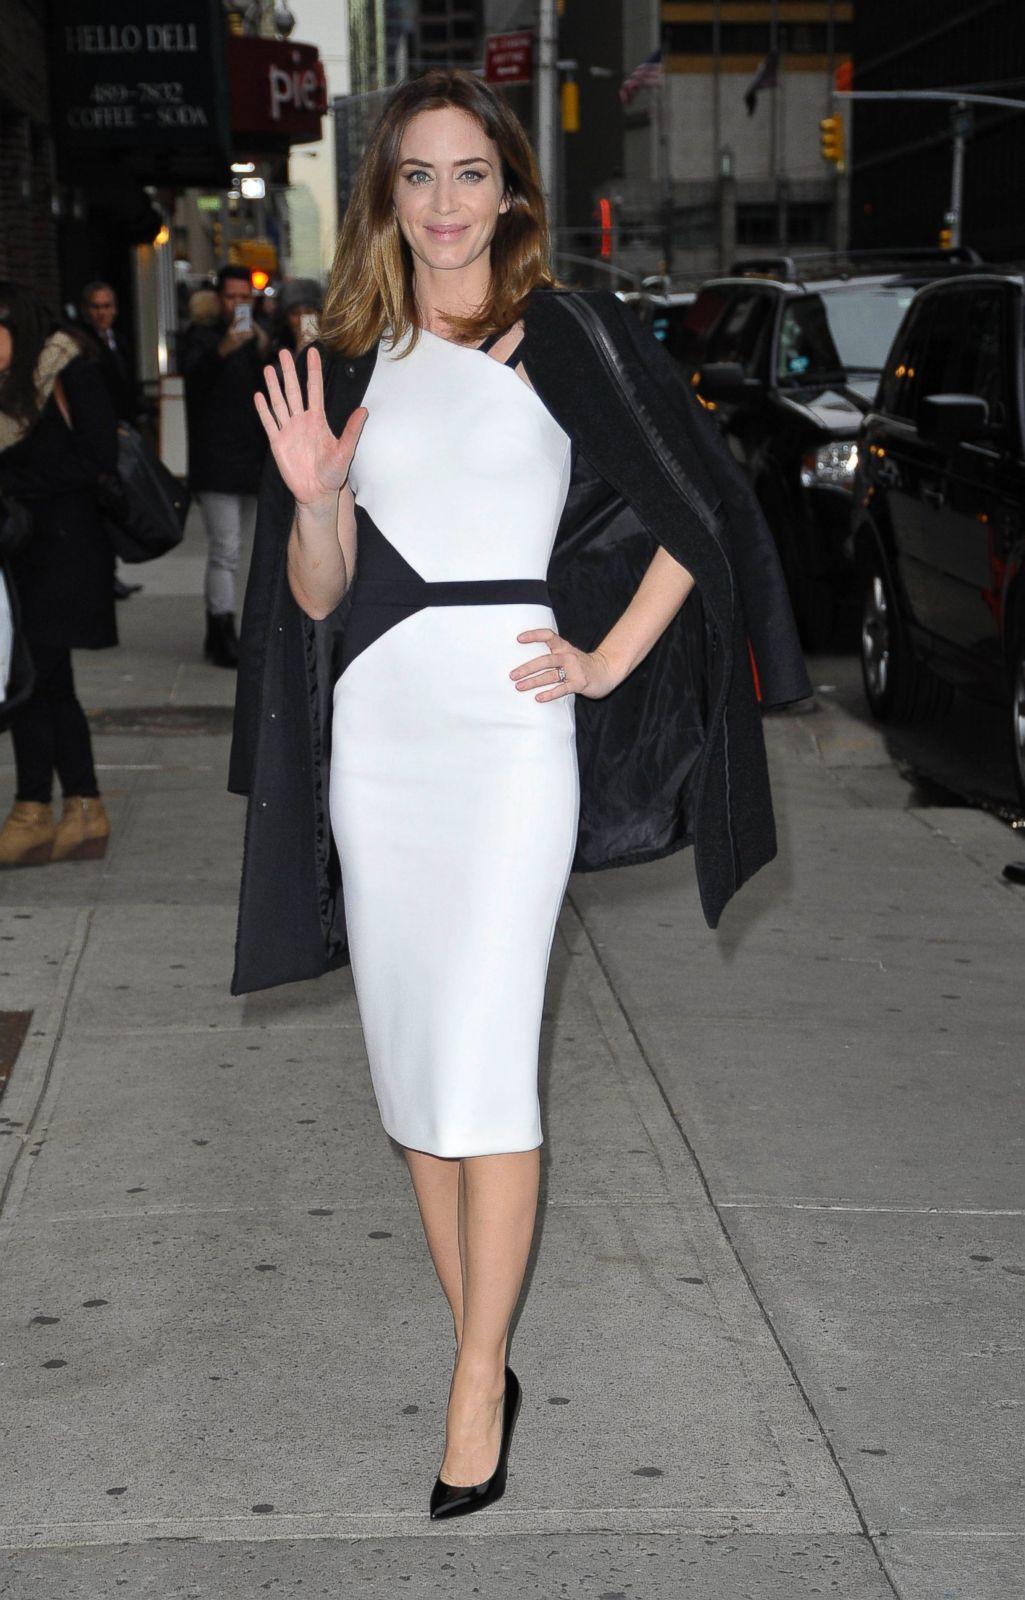 Heidi Klum In Costume Picture